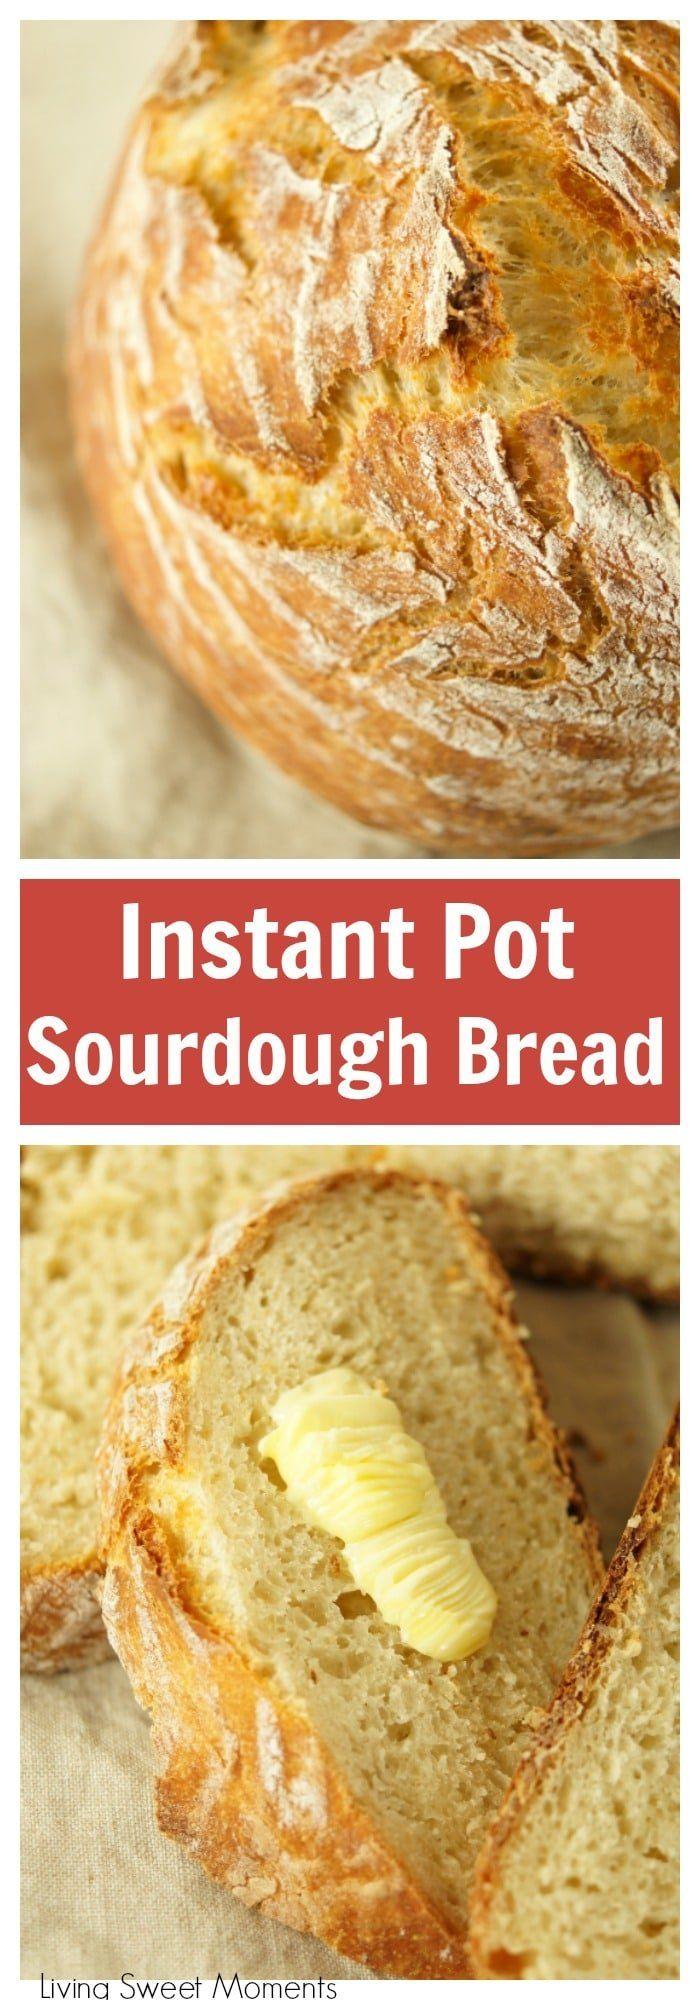 Instant Pot Sourdough Bread Recipe Food Recipes Cooker